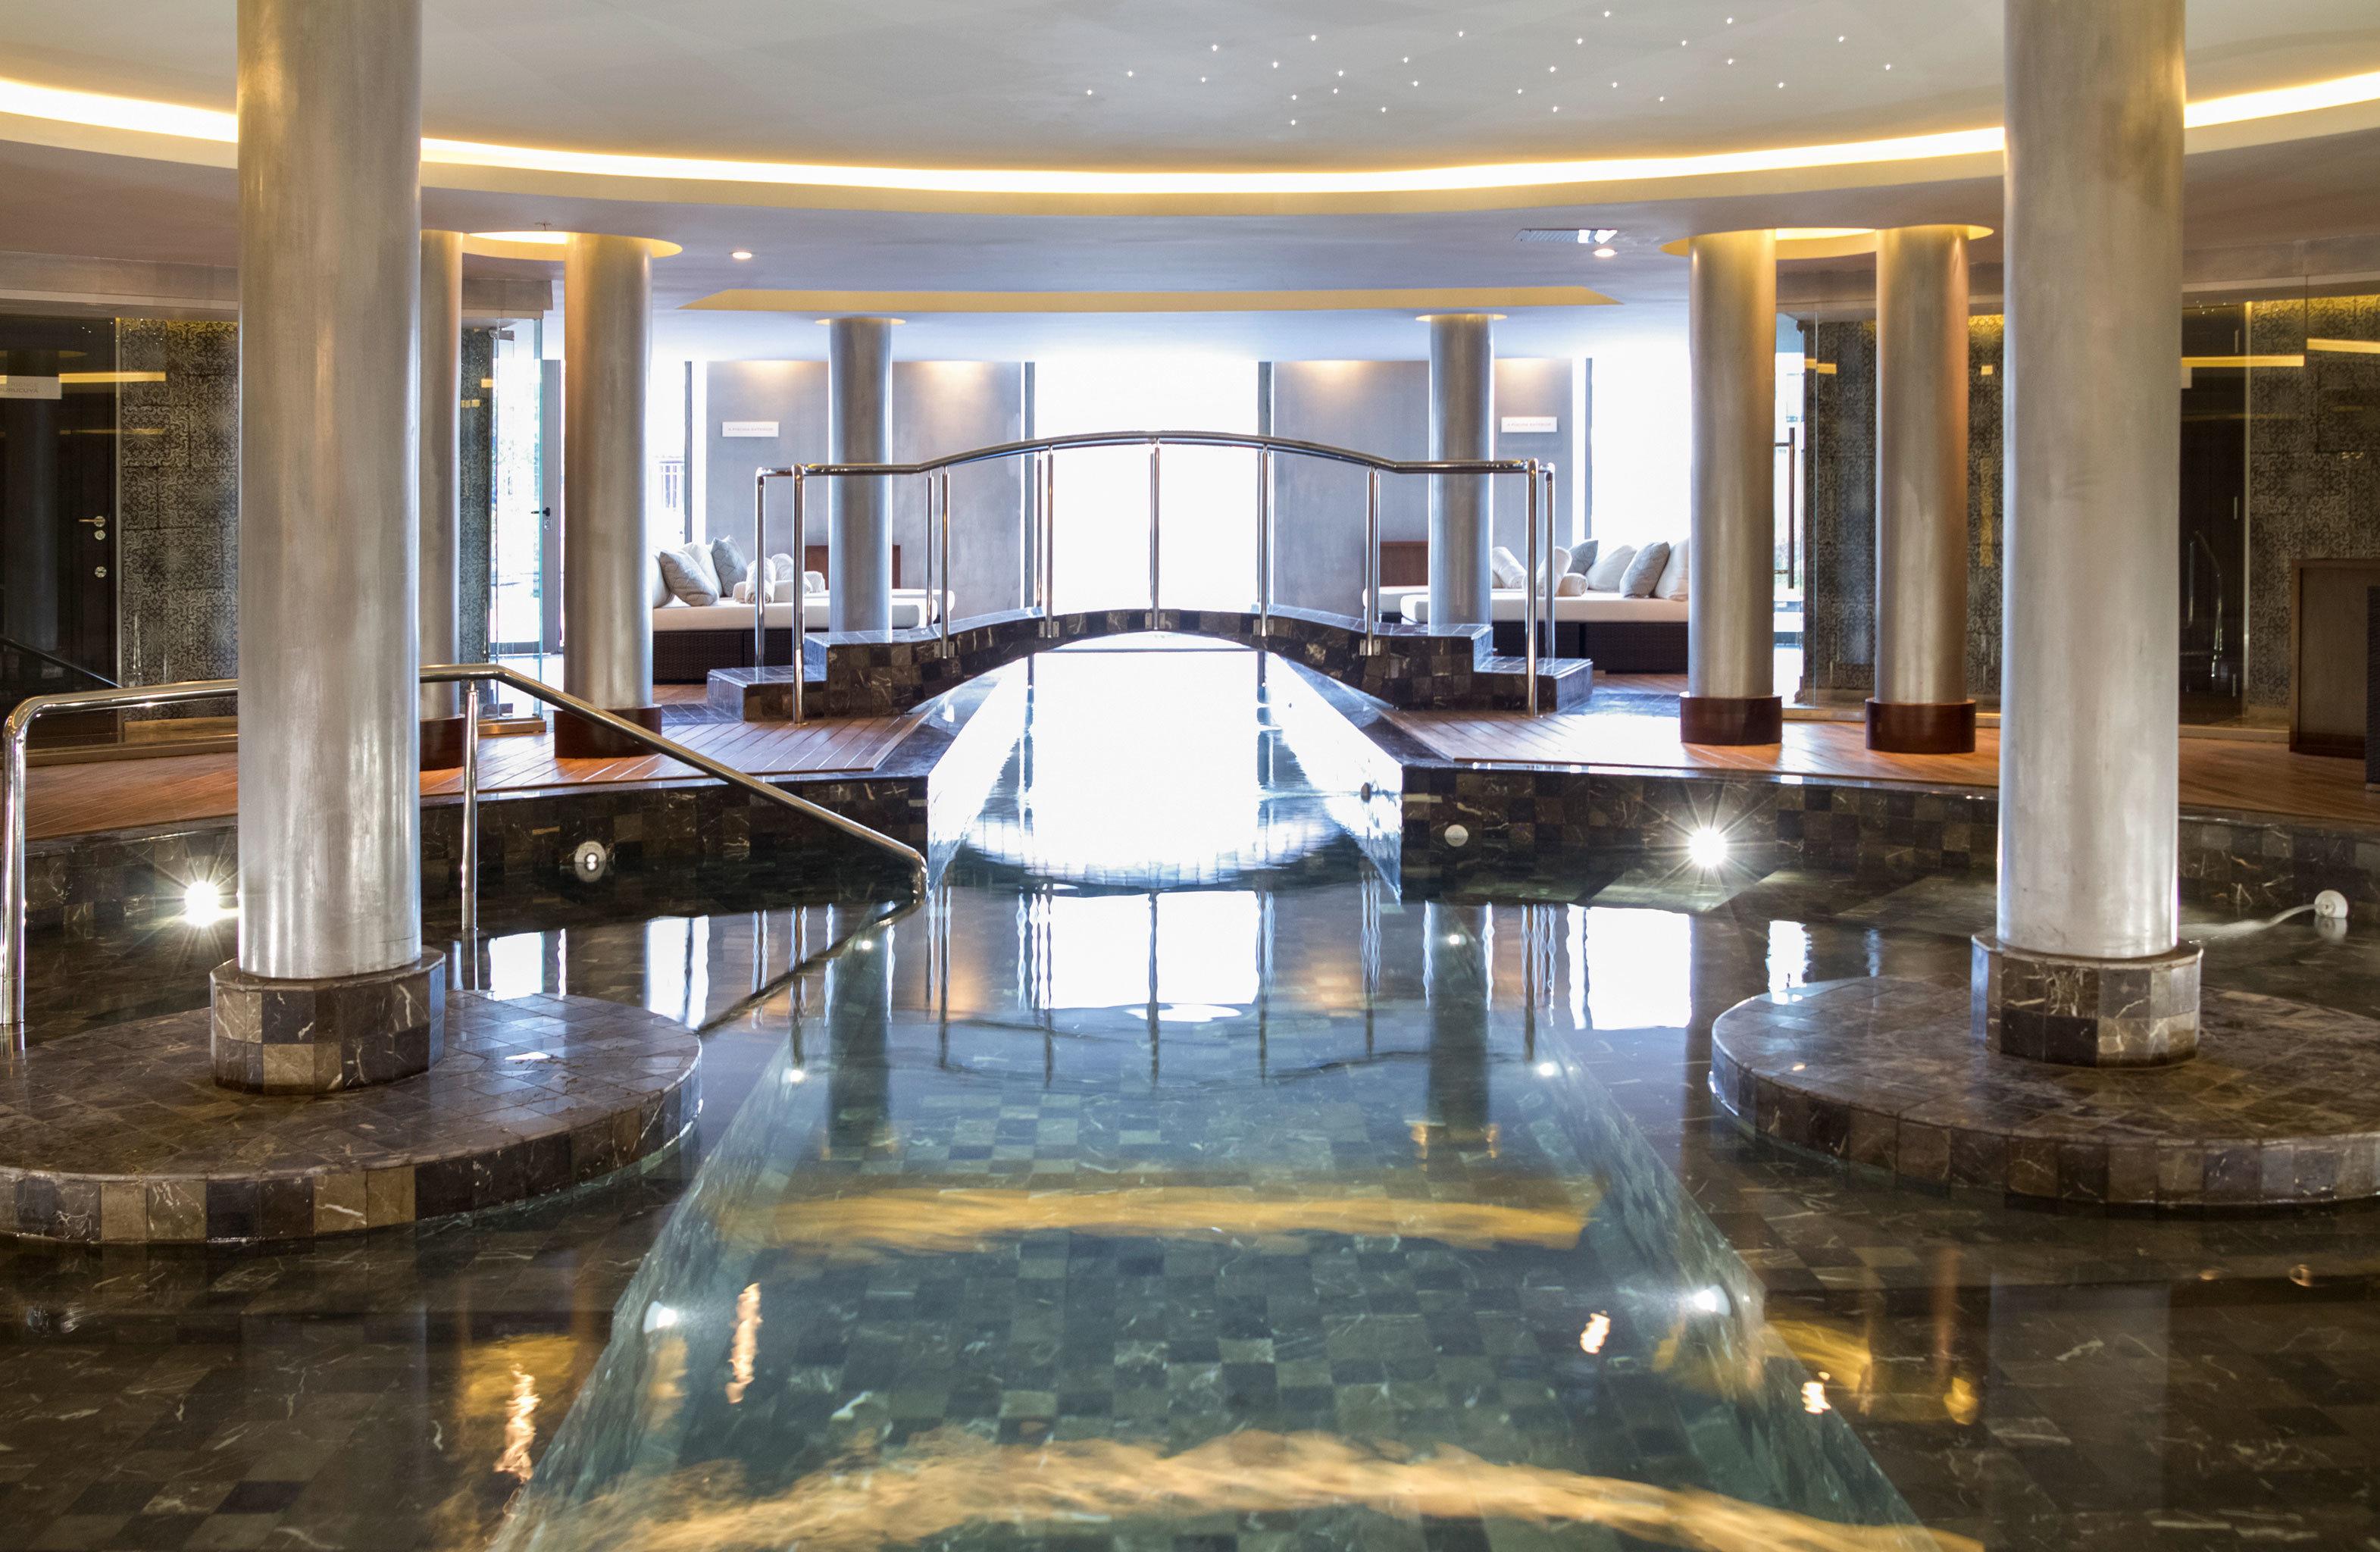 Luxury Play Pool Resort building swimming pool thermae colonnade